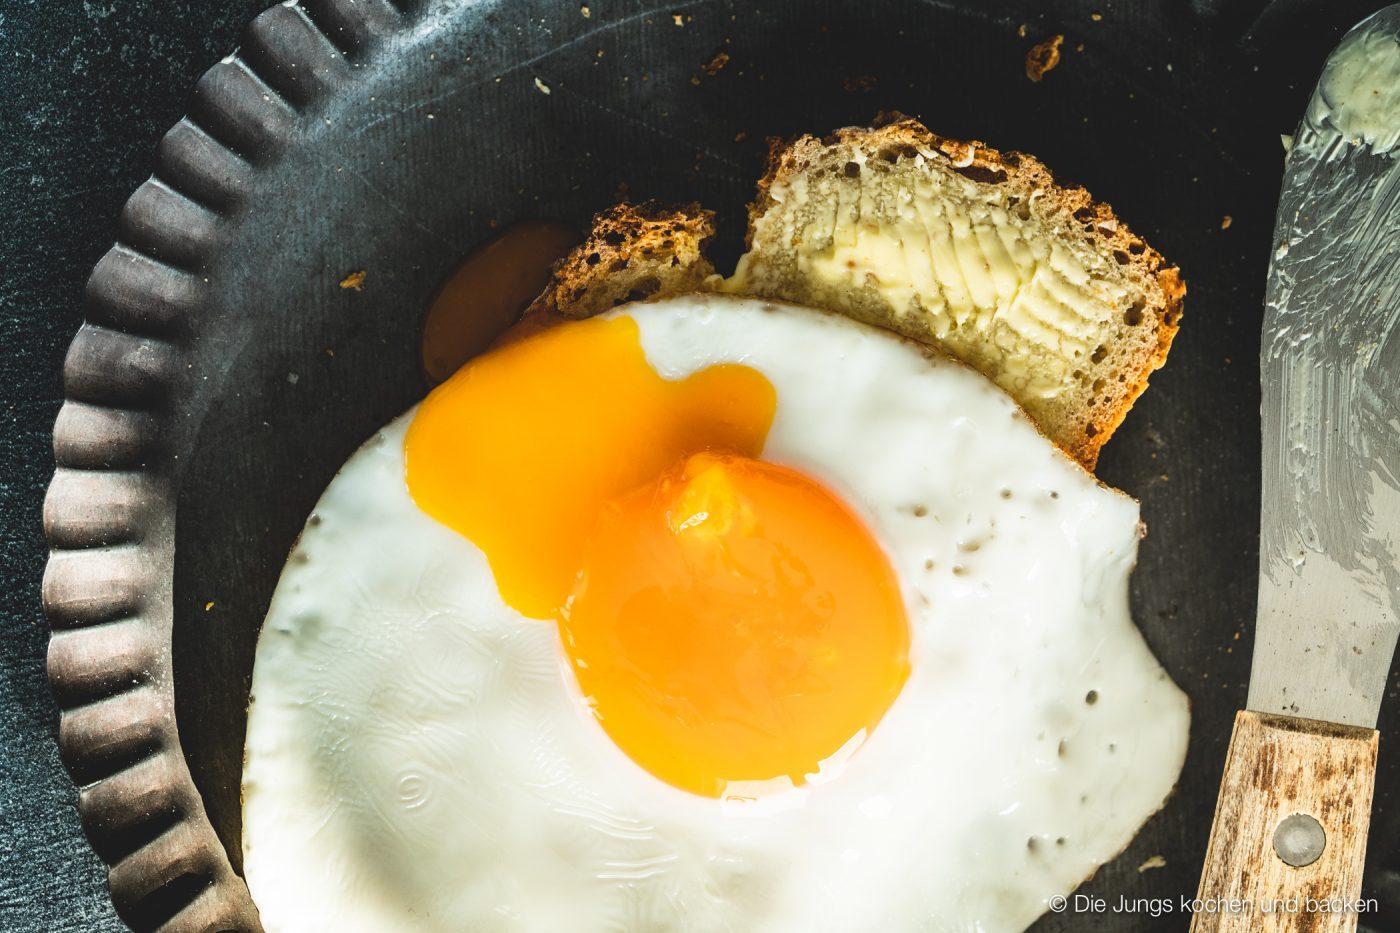 Kartoffelpuffert Kartoffelbrot 6 | Aber sei es drum Kartoffelpuffert ist ein Kartoffelbrot. Es wird aus Weizenmehl, gekochten und rohen Kartoffeln gebacken. Das Rezept stammt von der guten Tante Ida. Sie war - ich hoffe, ihre Familie ist mir da jetzt nicht böse - die so genannte Zeitung von Brüchermühle.